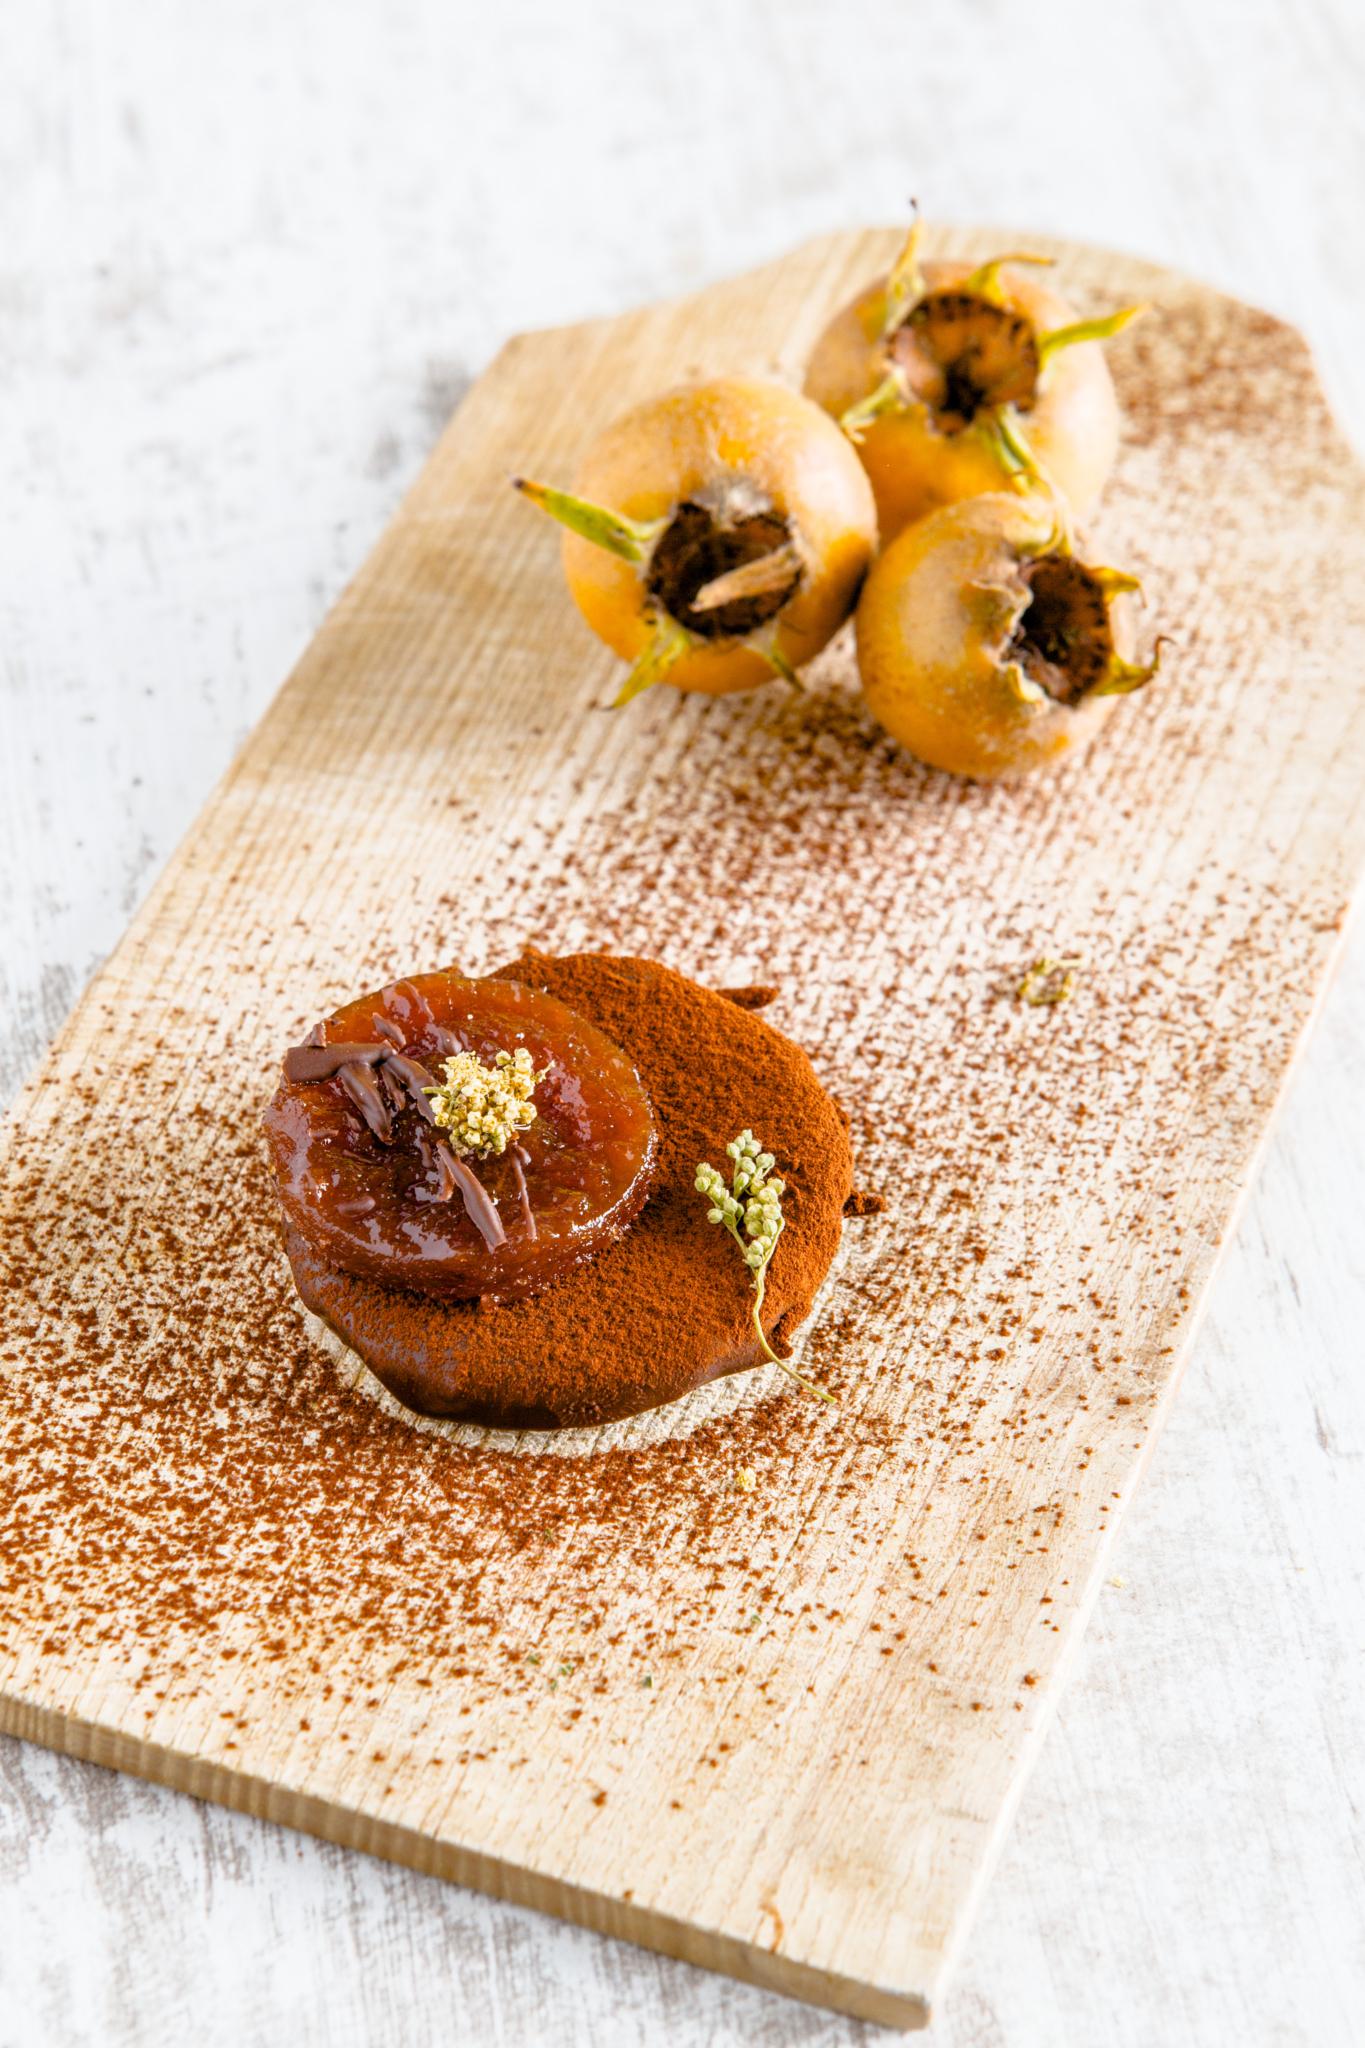 Cuisine sauvage asbl cuisine des plantes sauvages - Cuisine plantes sauvages comestibles ...